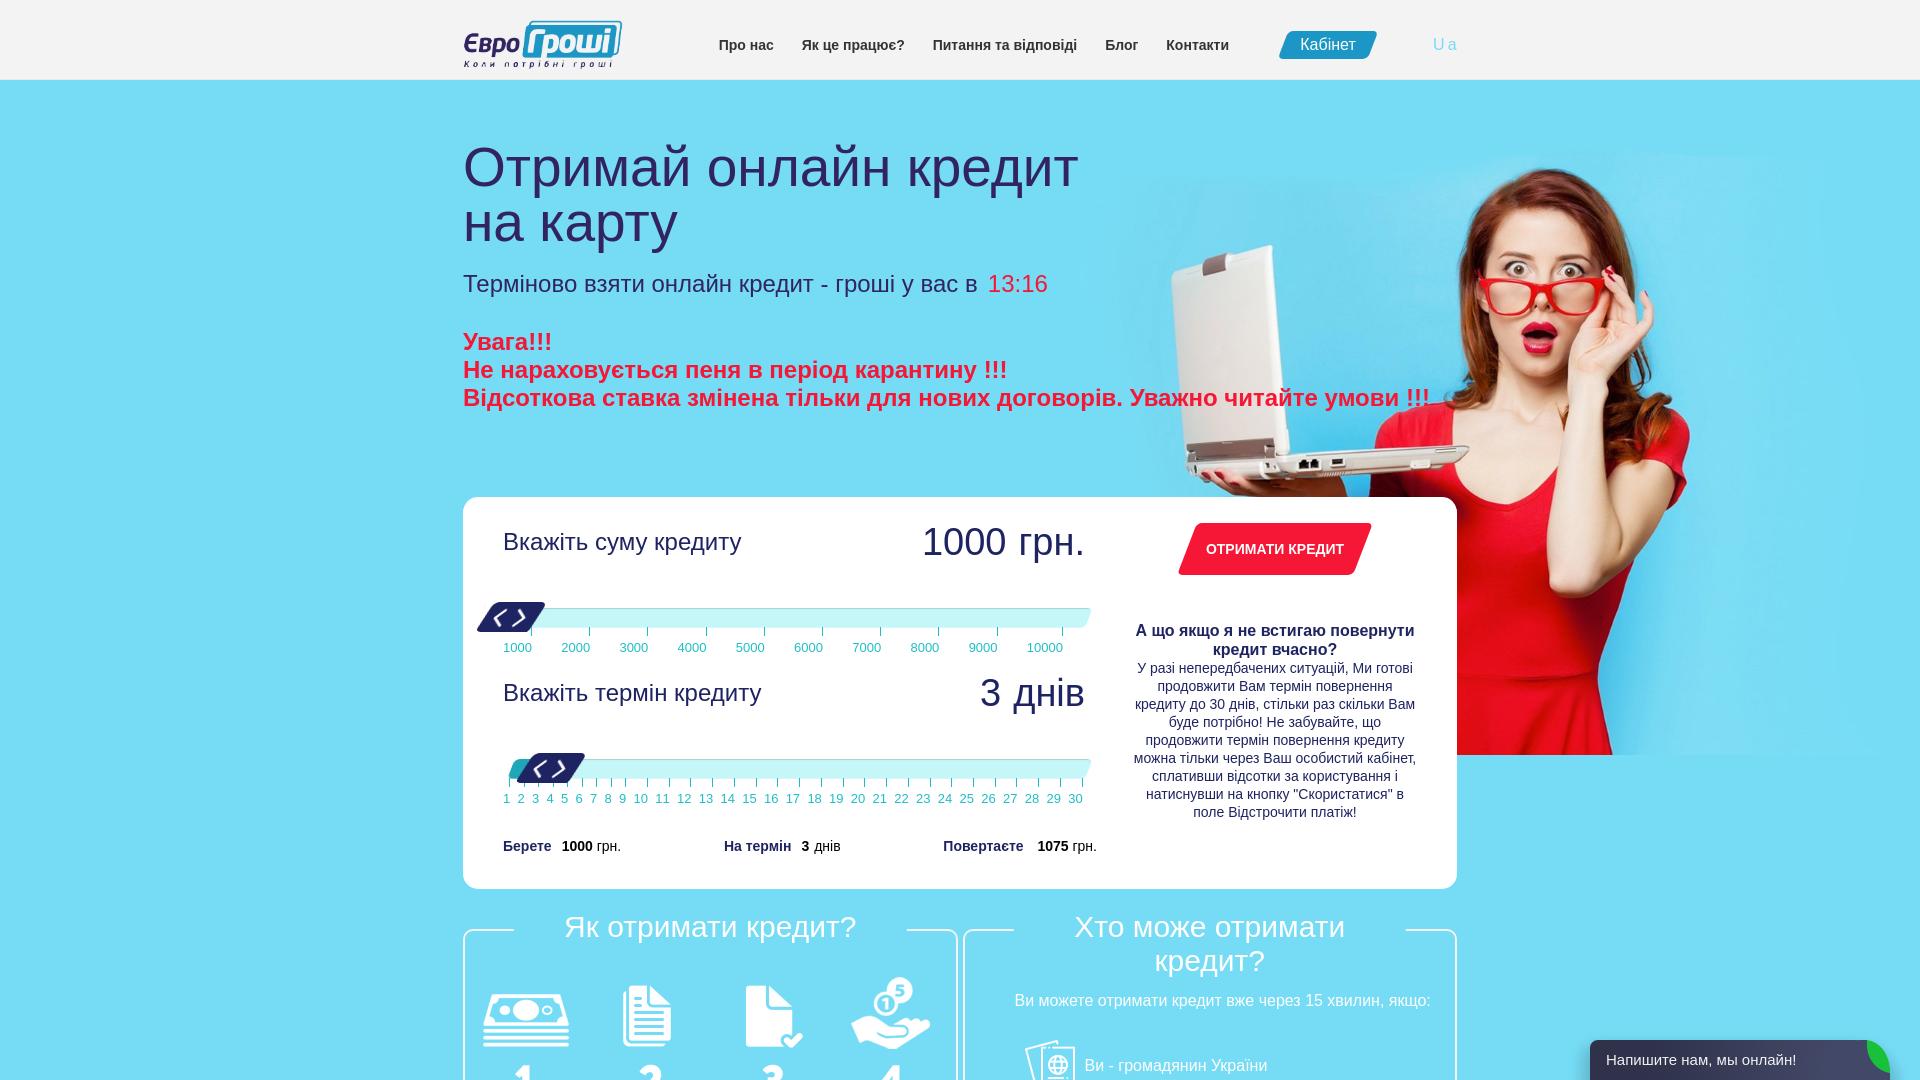 EvroGroshi [CPS] UA website